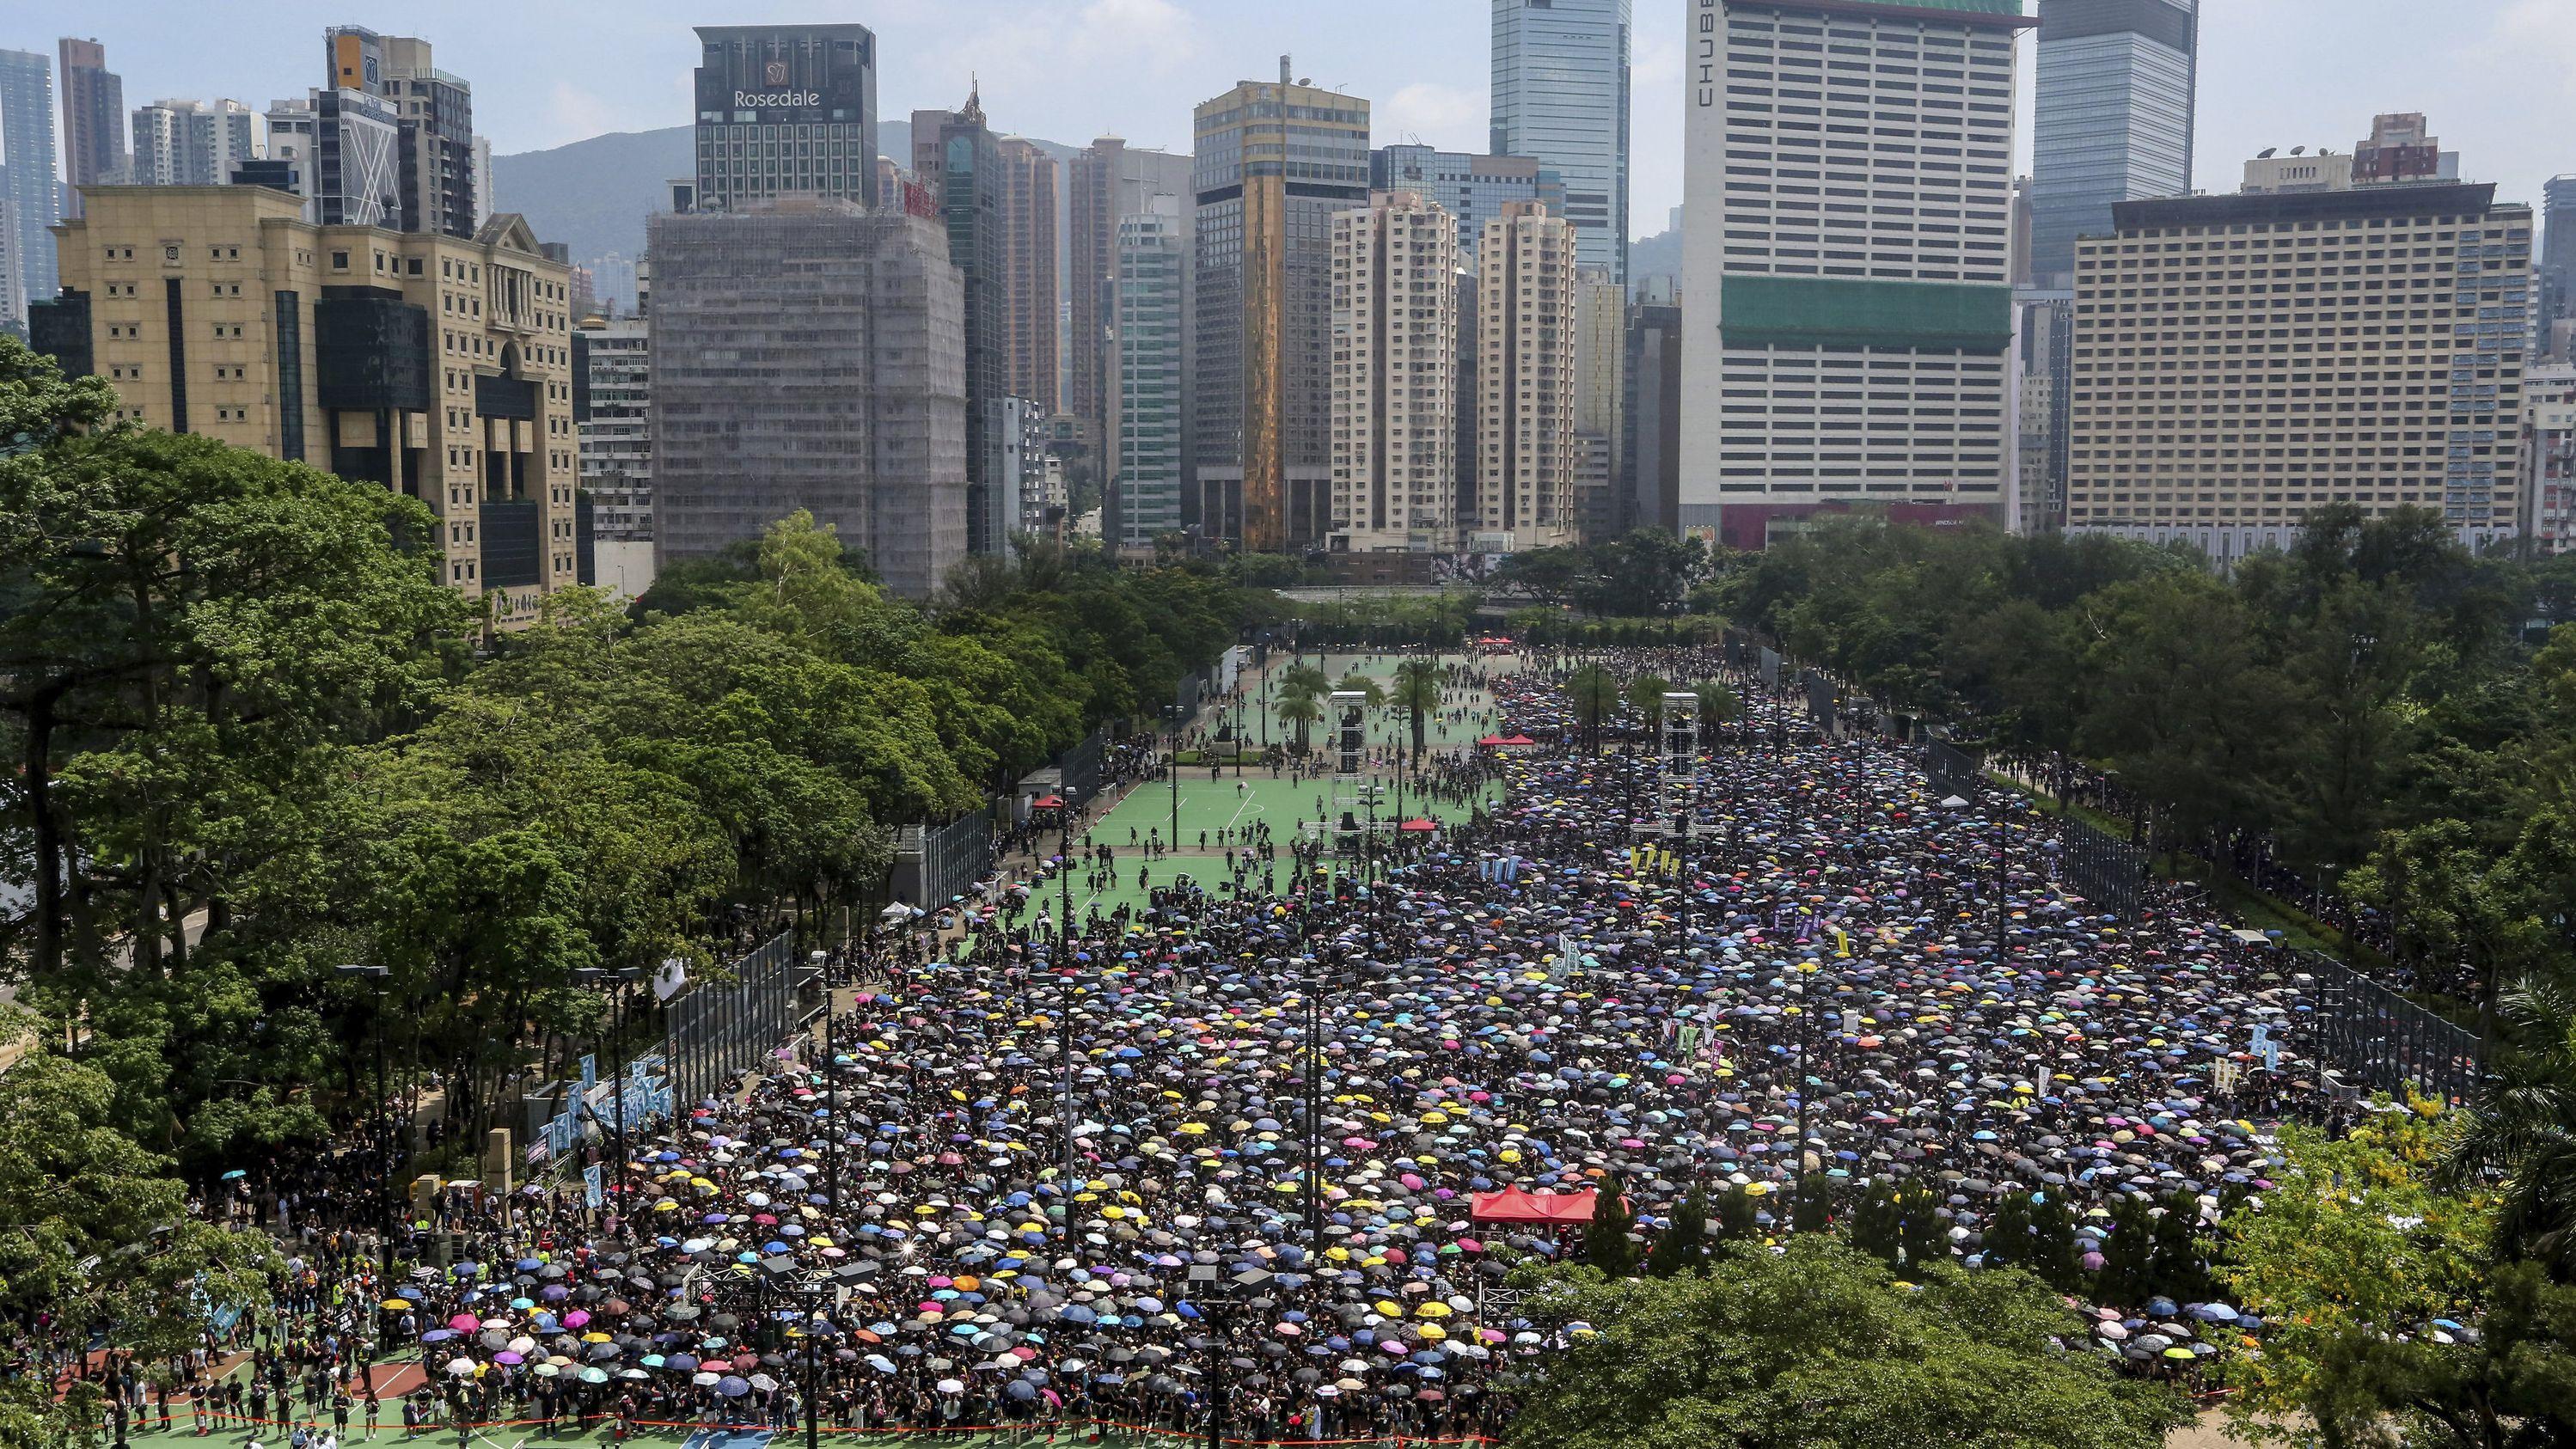 Hongkong, Hong Kong: Demonstranten versammeln sich am Victoria Peak, um gegen das umstrittene Auslieferungsgesetz zu protestieren.